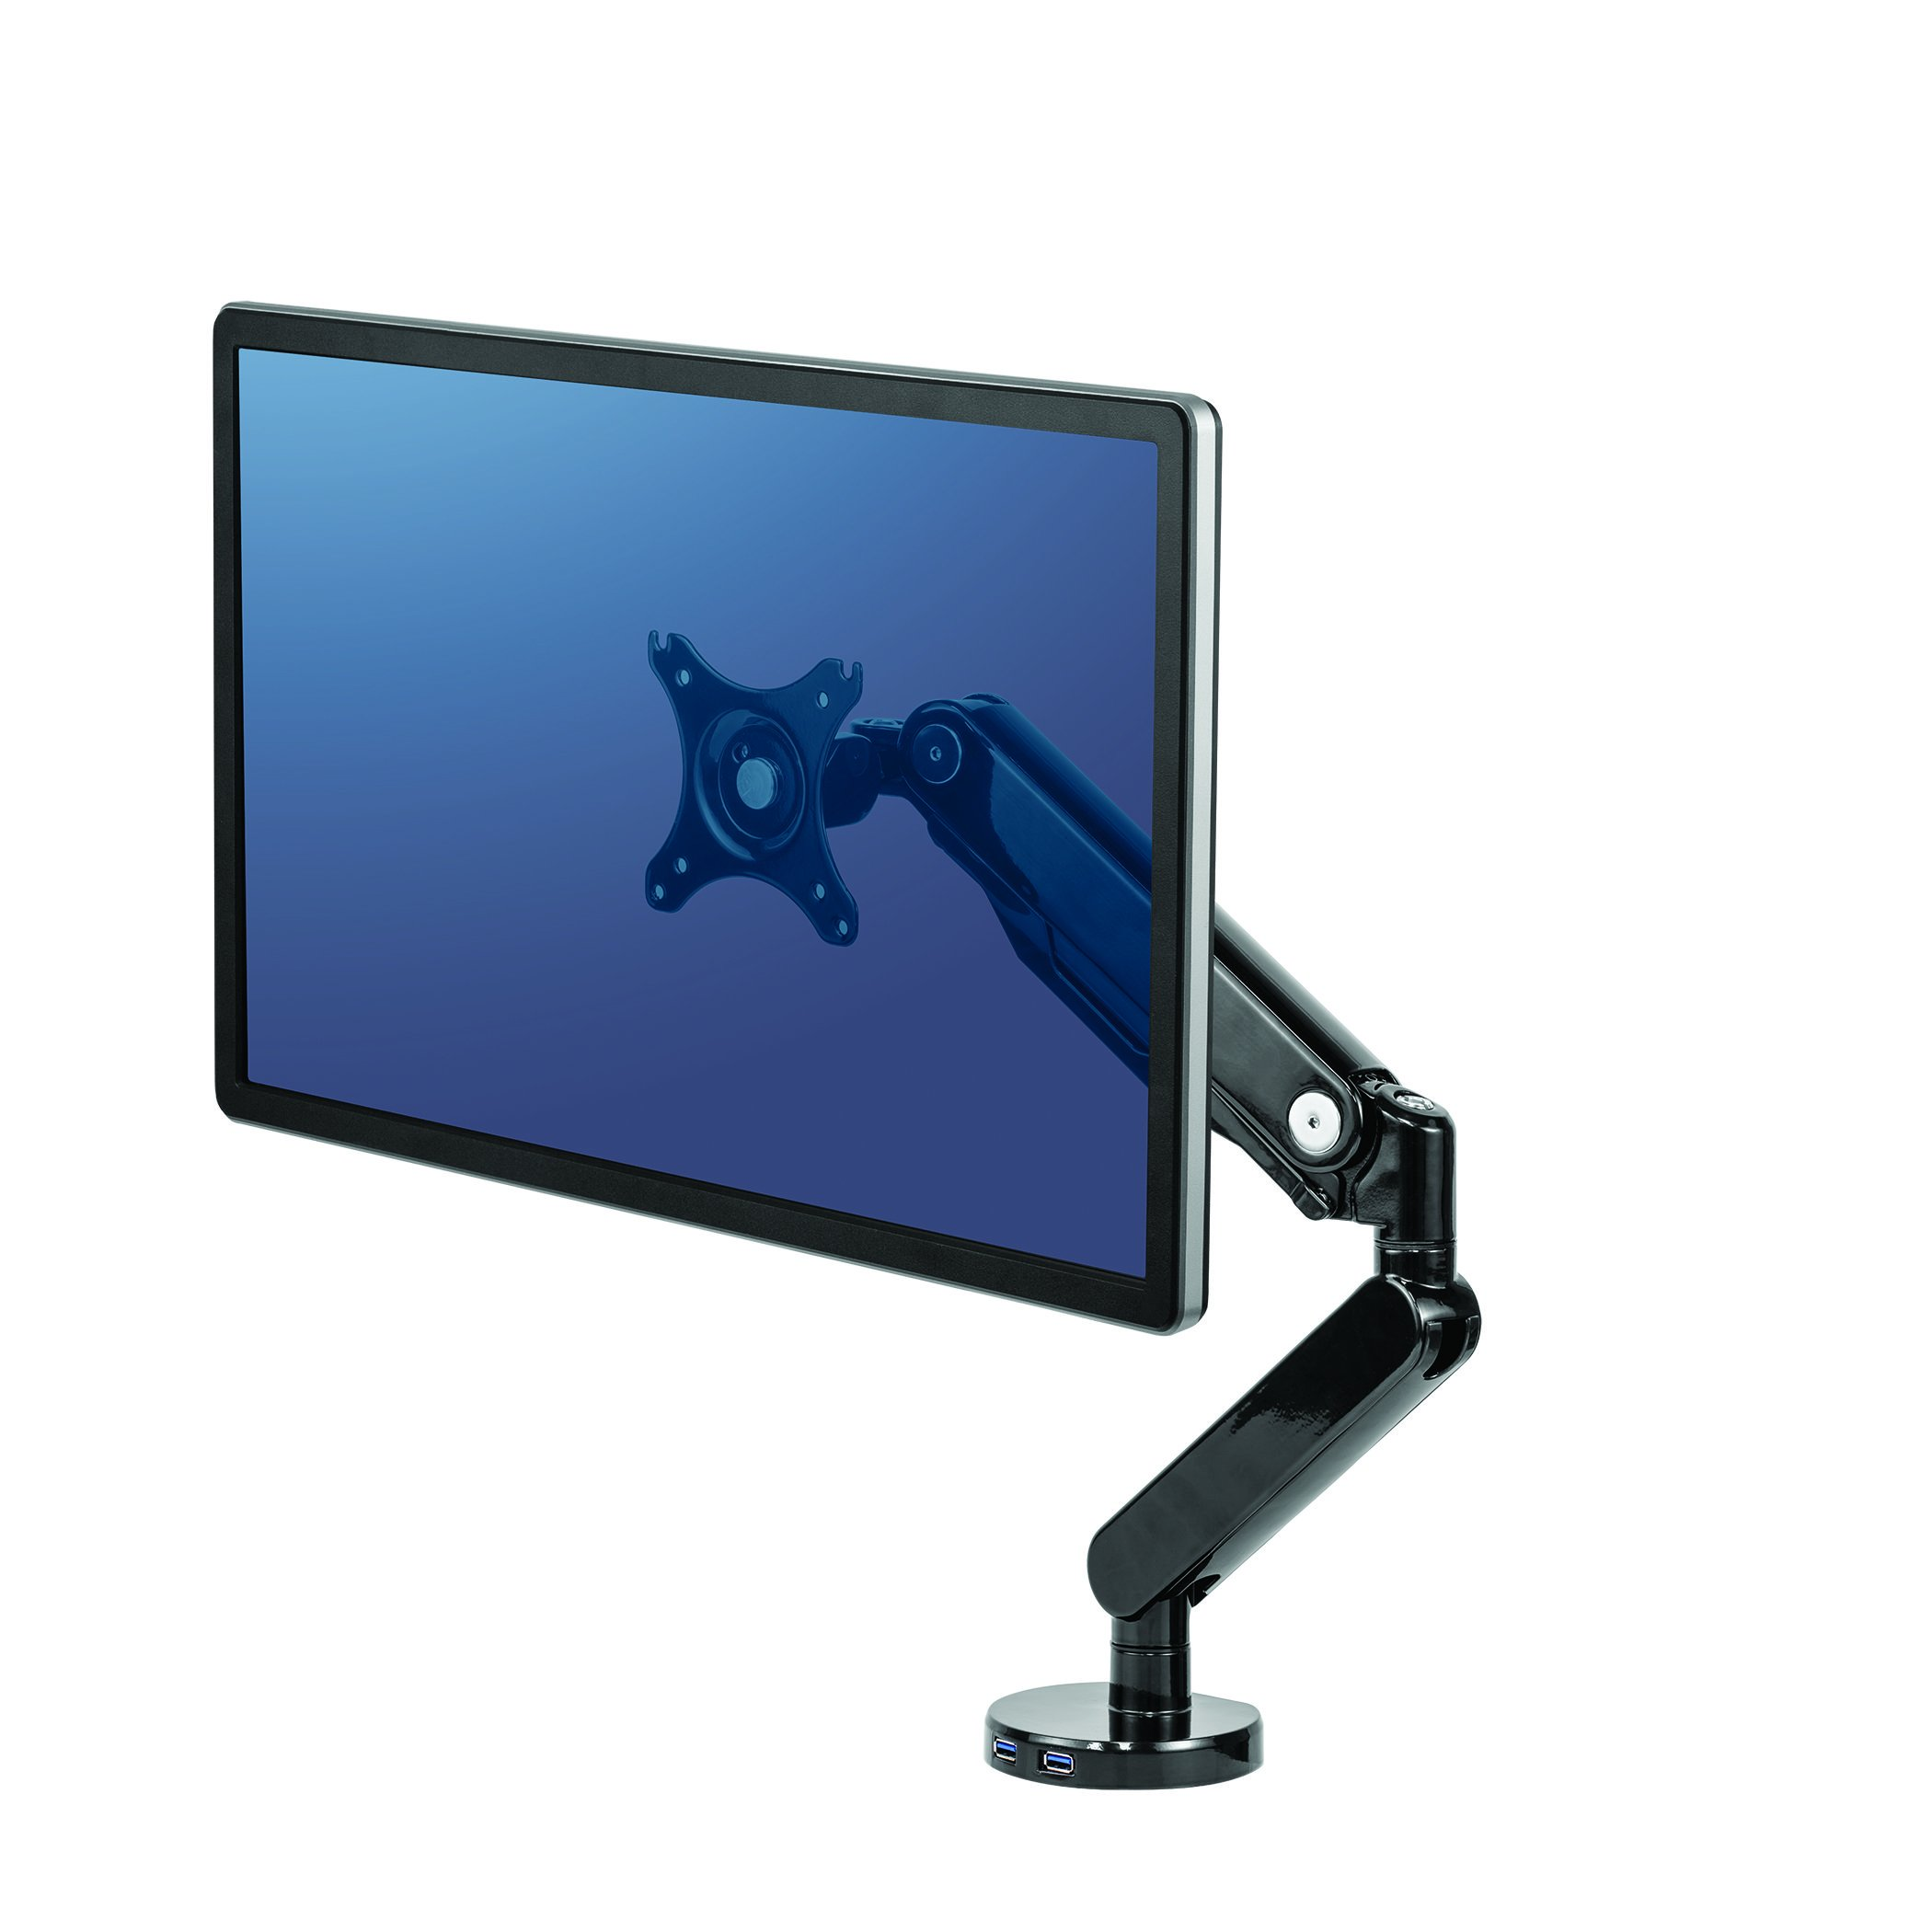 Fellowes Platinum Series Single Adjustable Monitor Arm (8043301)